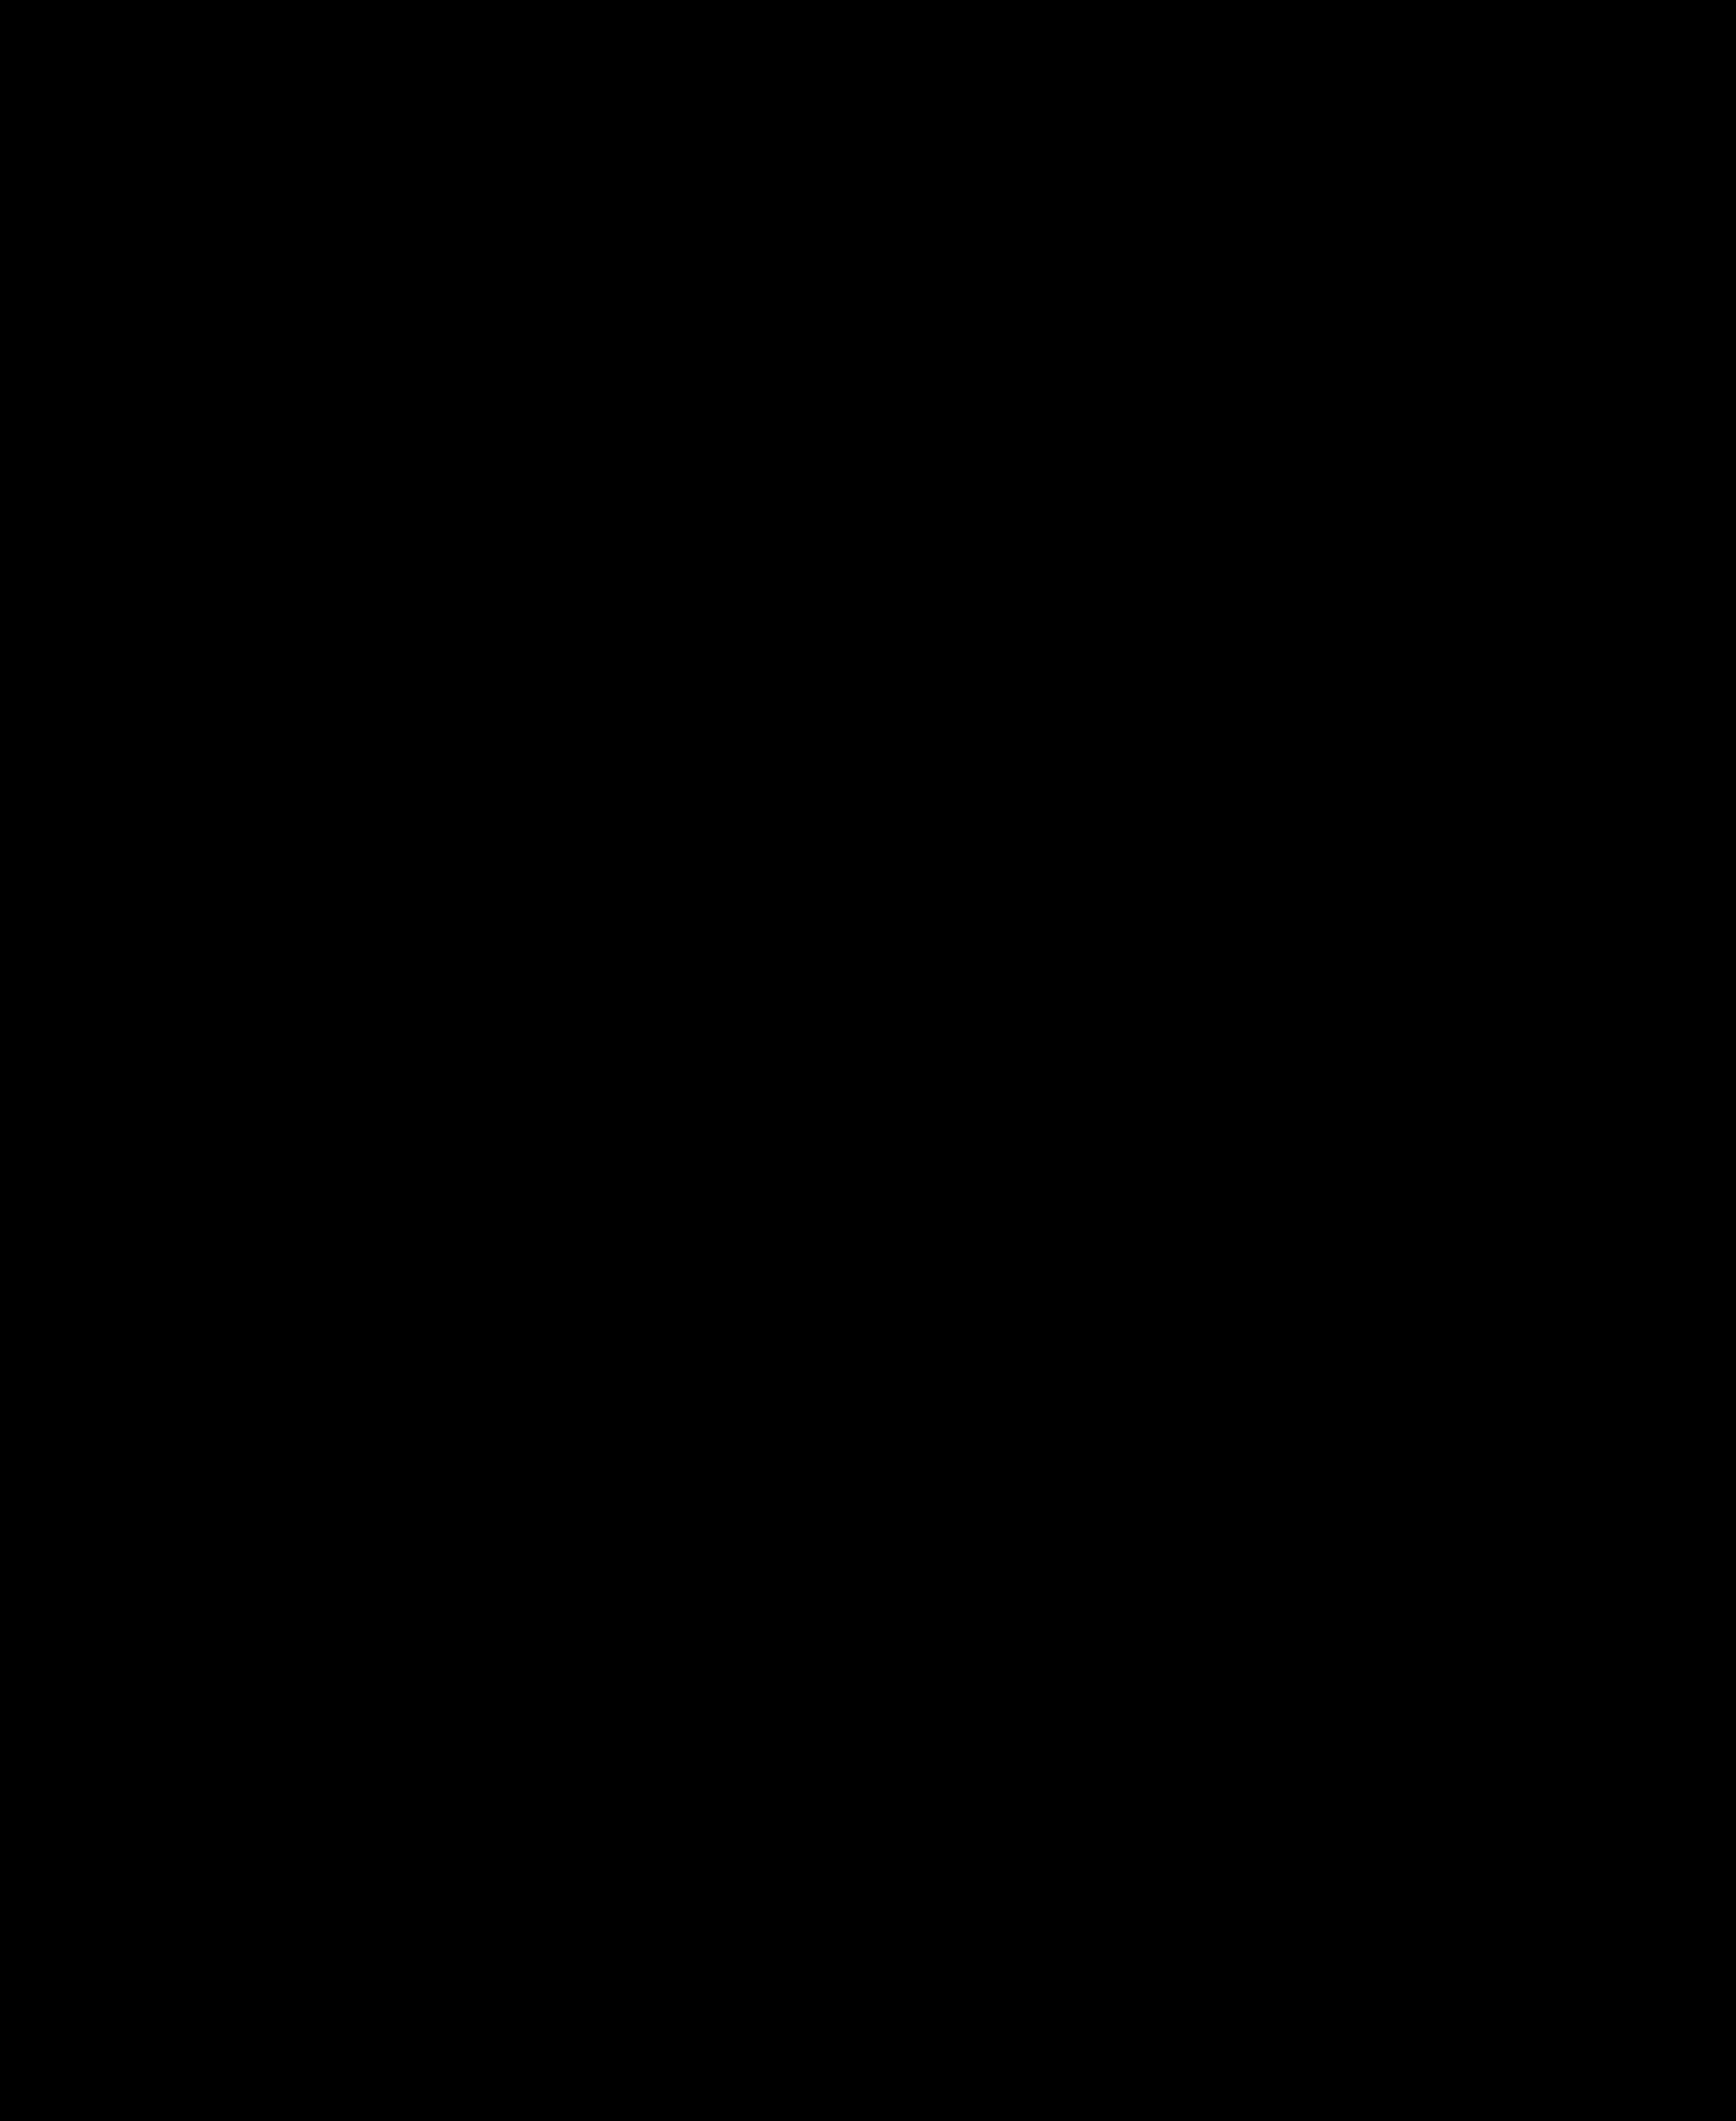 phòng tắm ốp gạch màu trắng